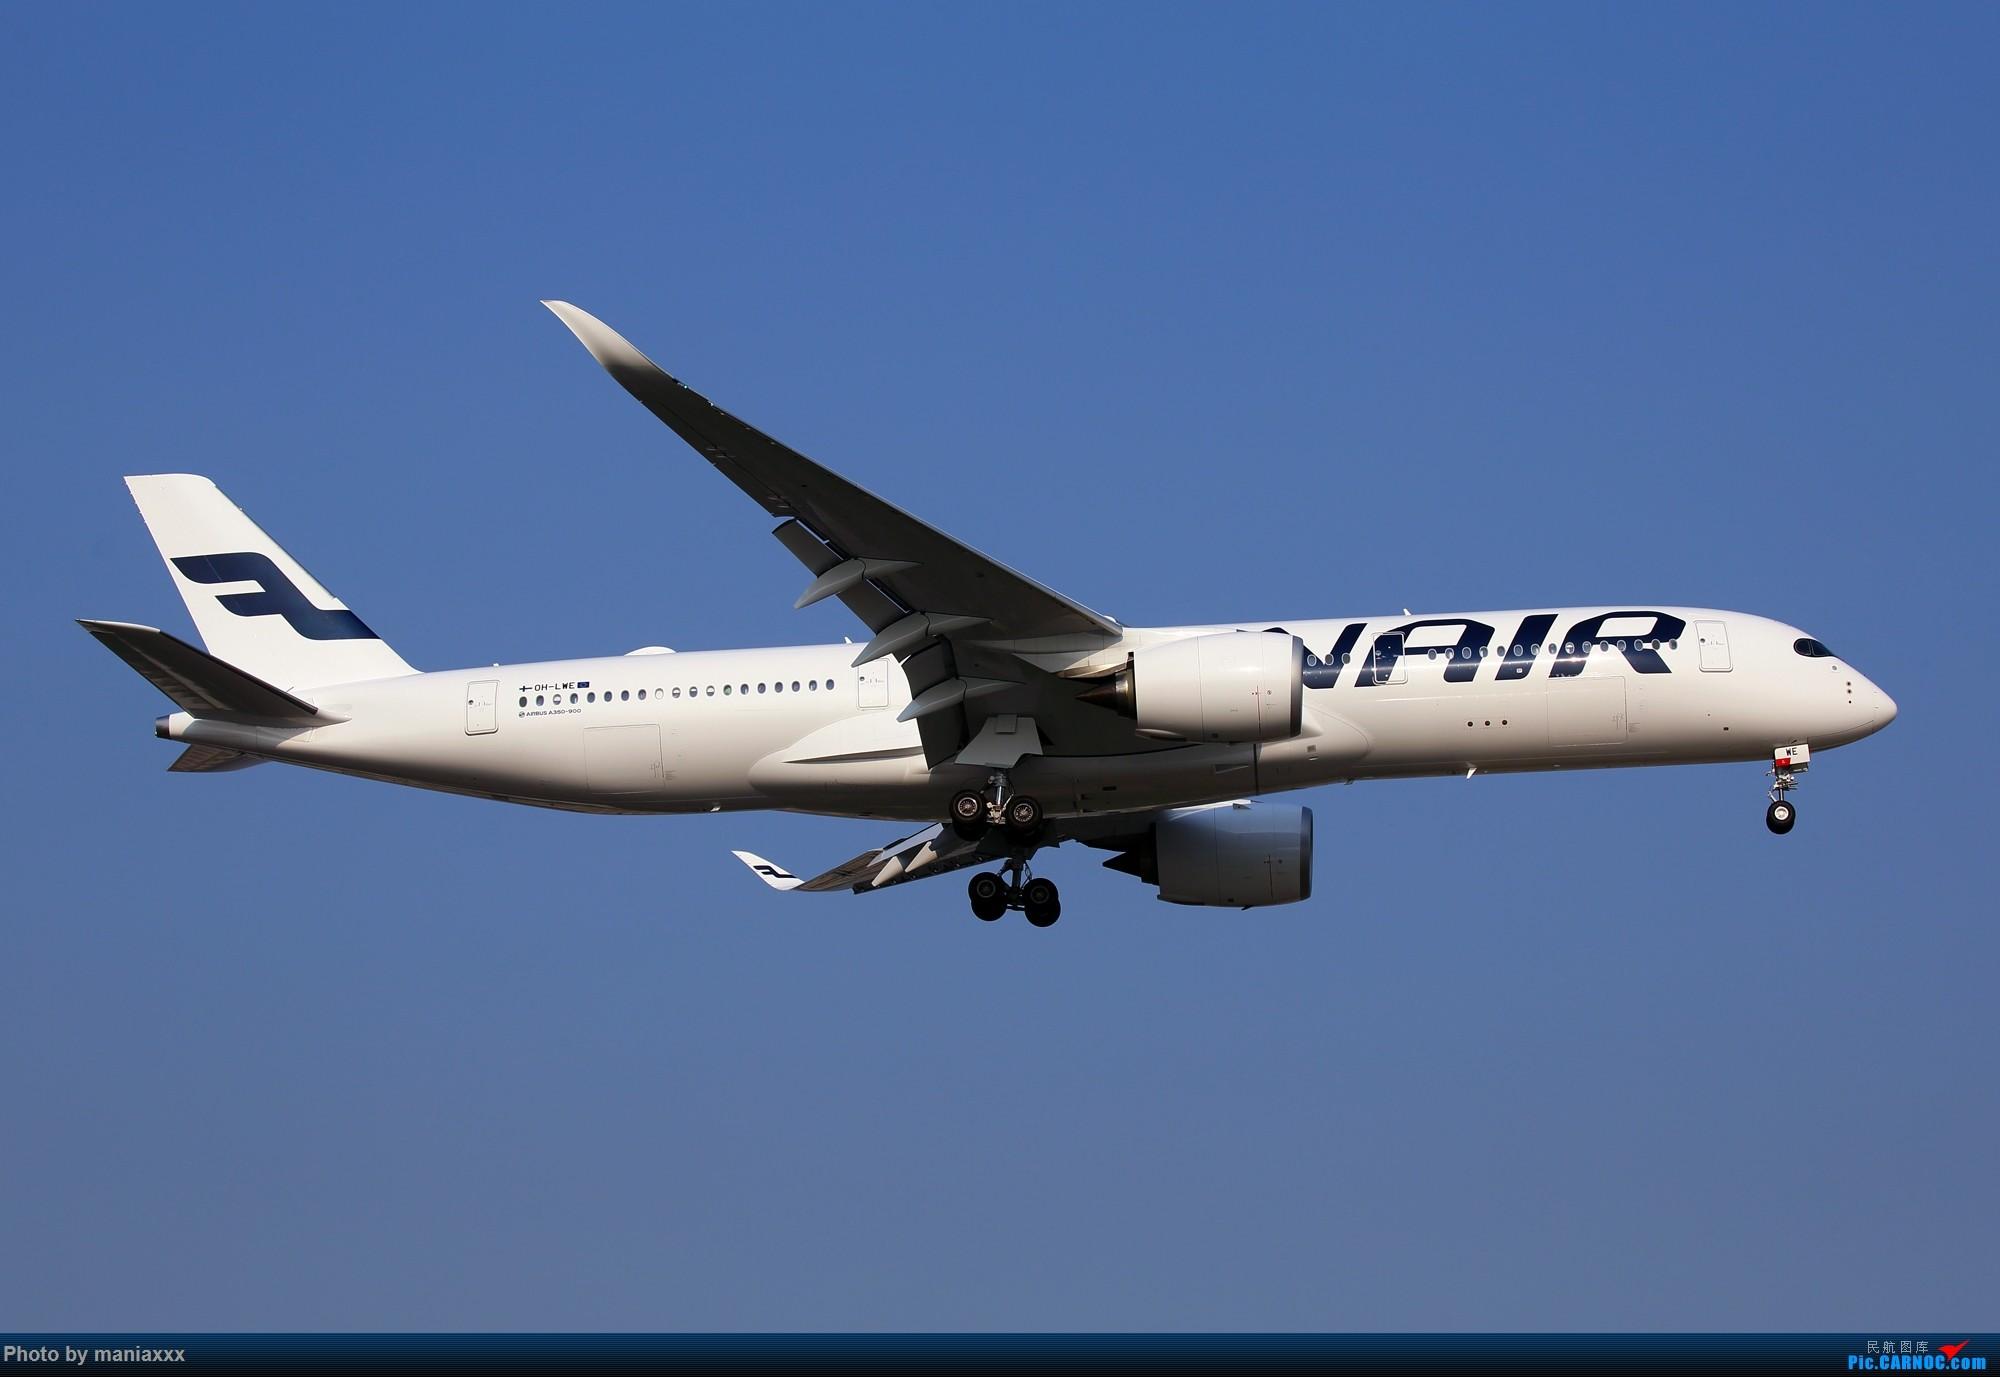 [原创]我是一图党~~~~~墨镜E君~~~~~ AIRBUS A350-900 OH-LWE 中国北京首都国际机场